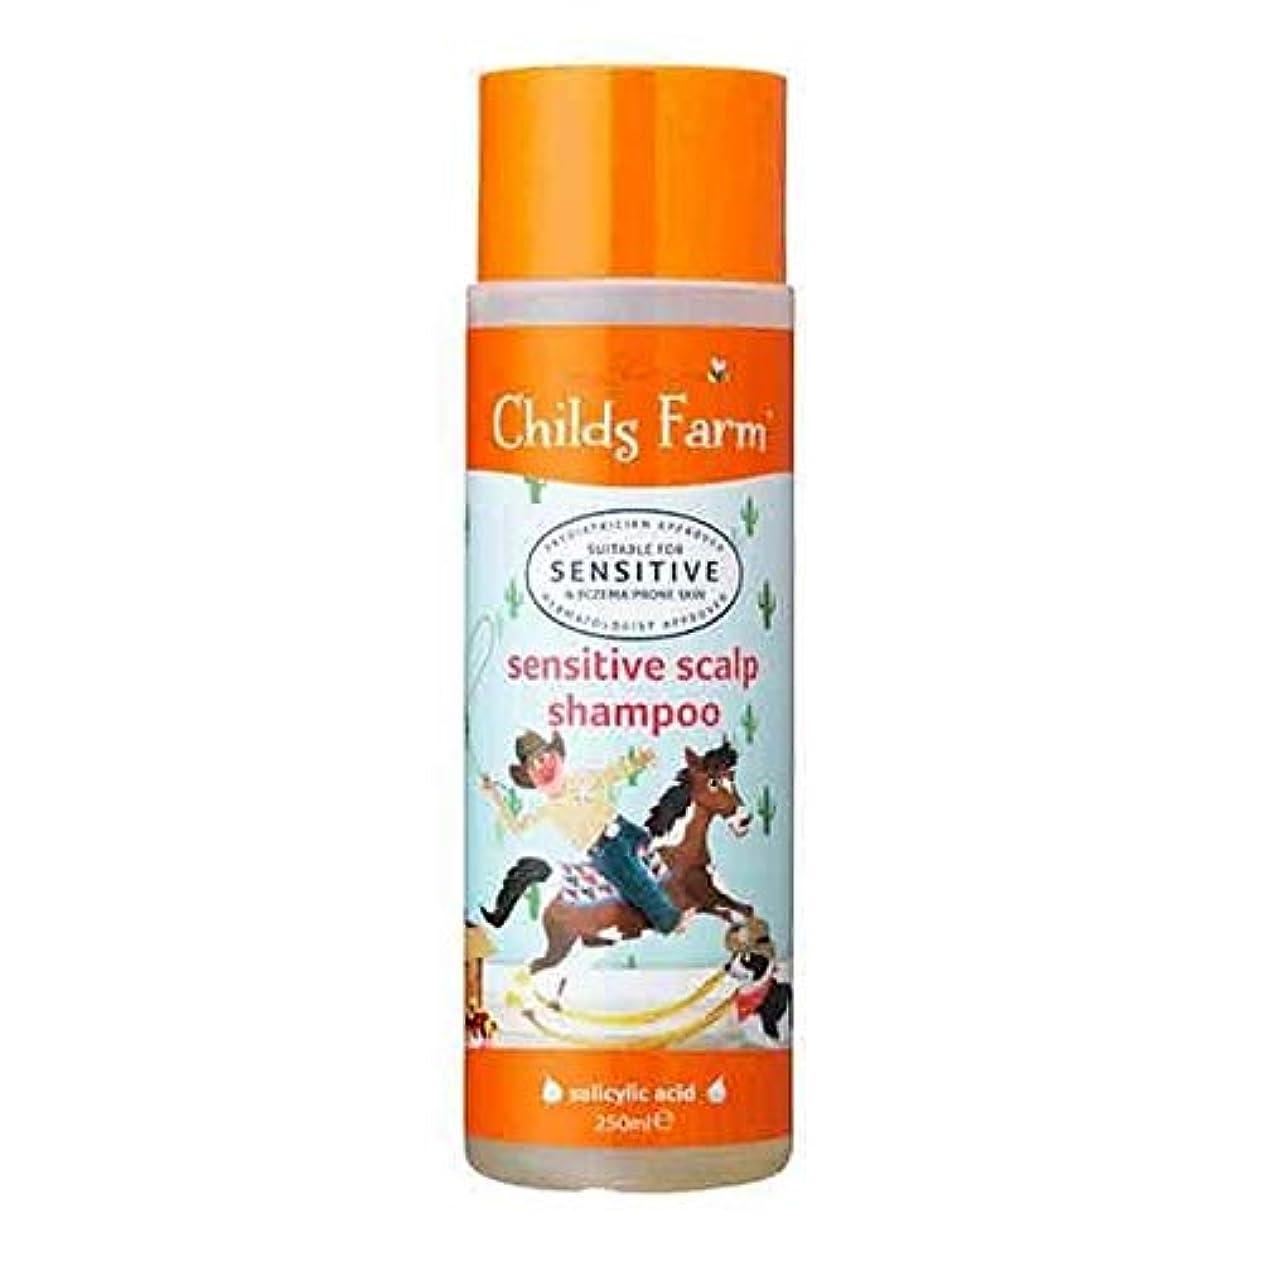 ネズミ農業毎日[Childs Farm ] チャイルズファーム敏感な頭皮シャンプー250Ml - Childs Farm Sensitive Scalp Shampoo 250ml [並行輸入品]